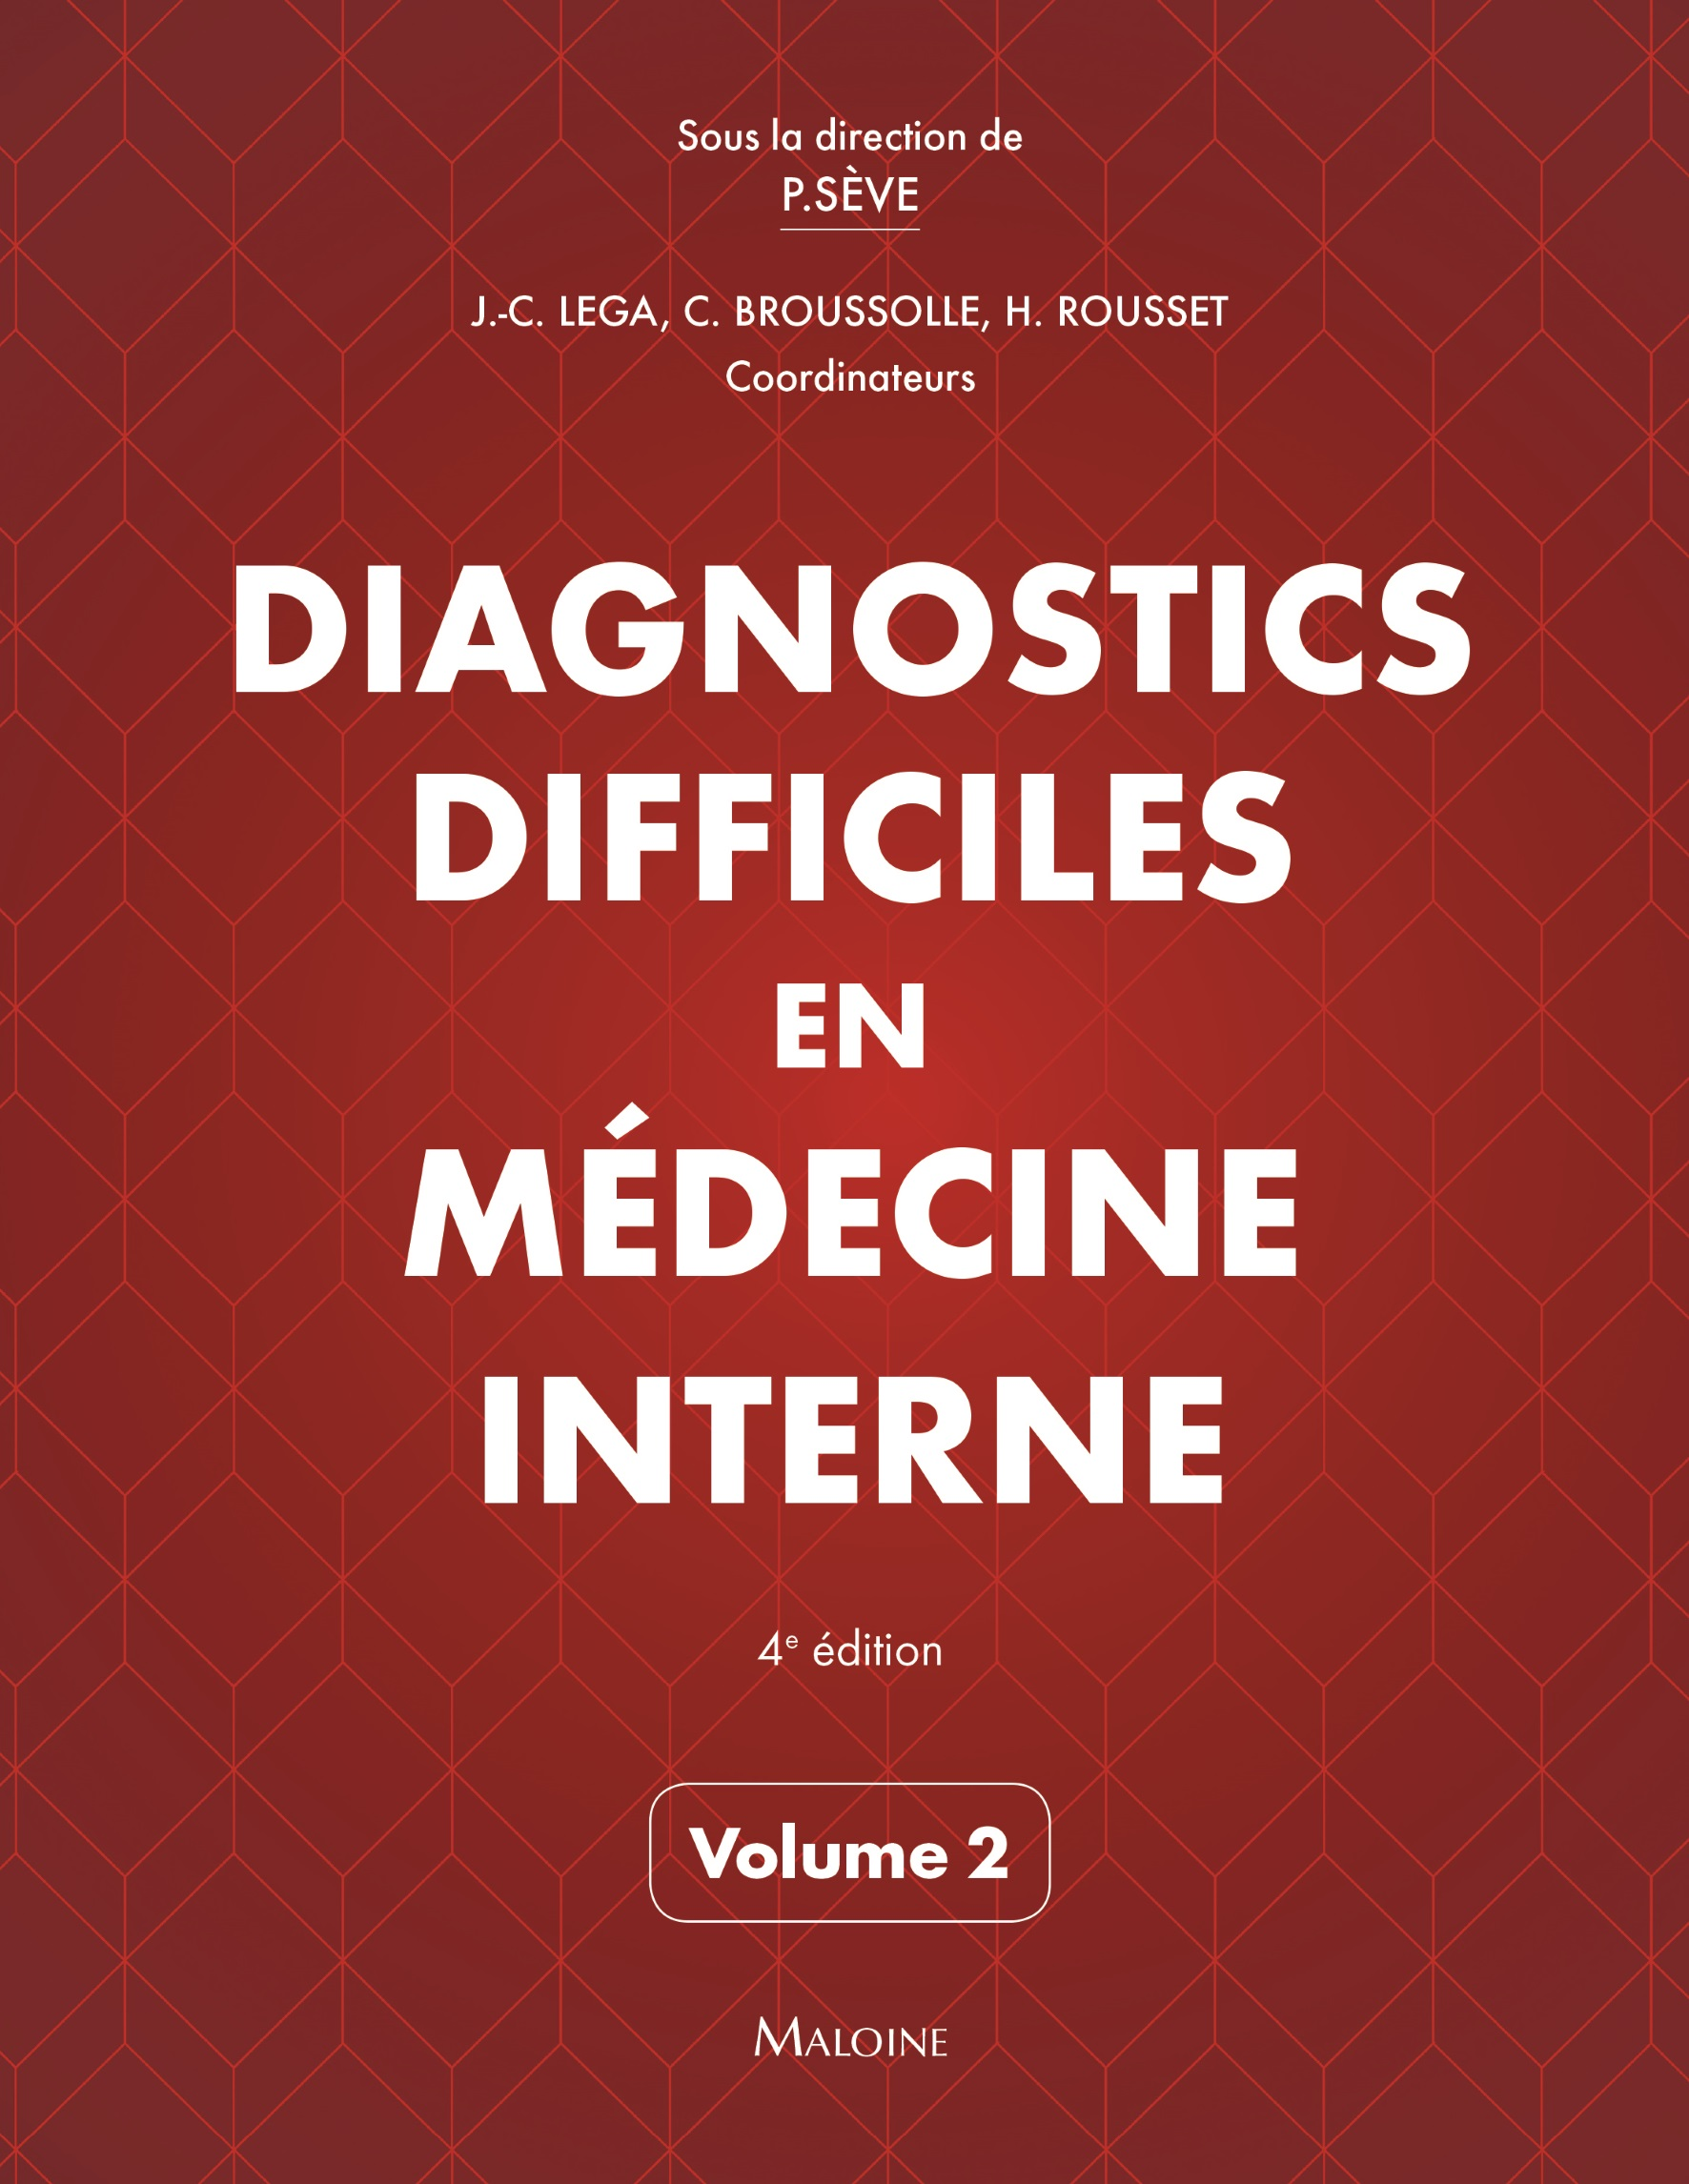 Diagnostics difficiles en médecine interne Vol. 2 4e éd.